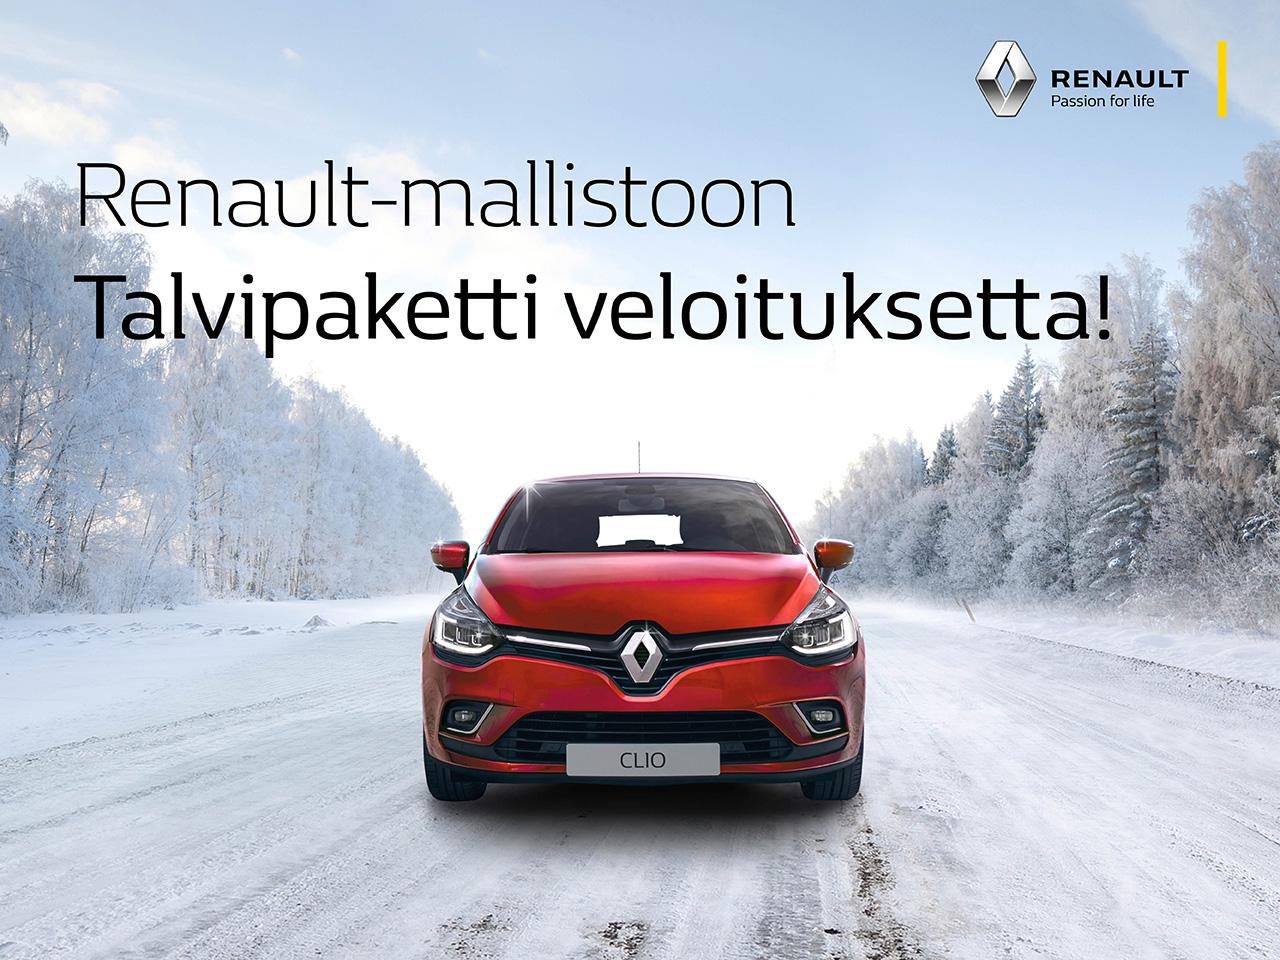 Renault-mallistoon talvipaketti veloituksetta!